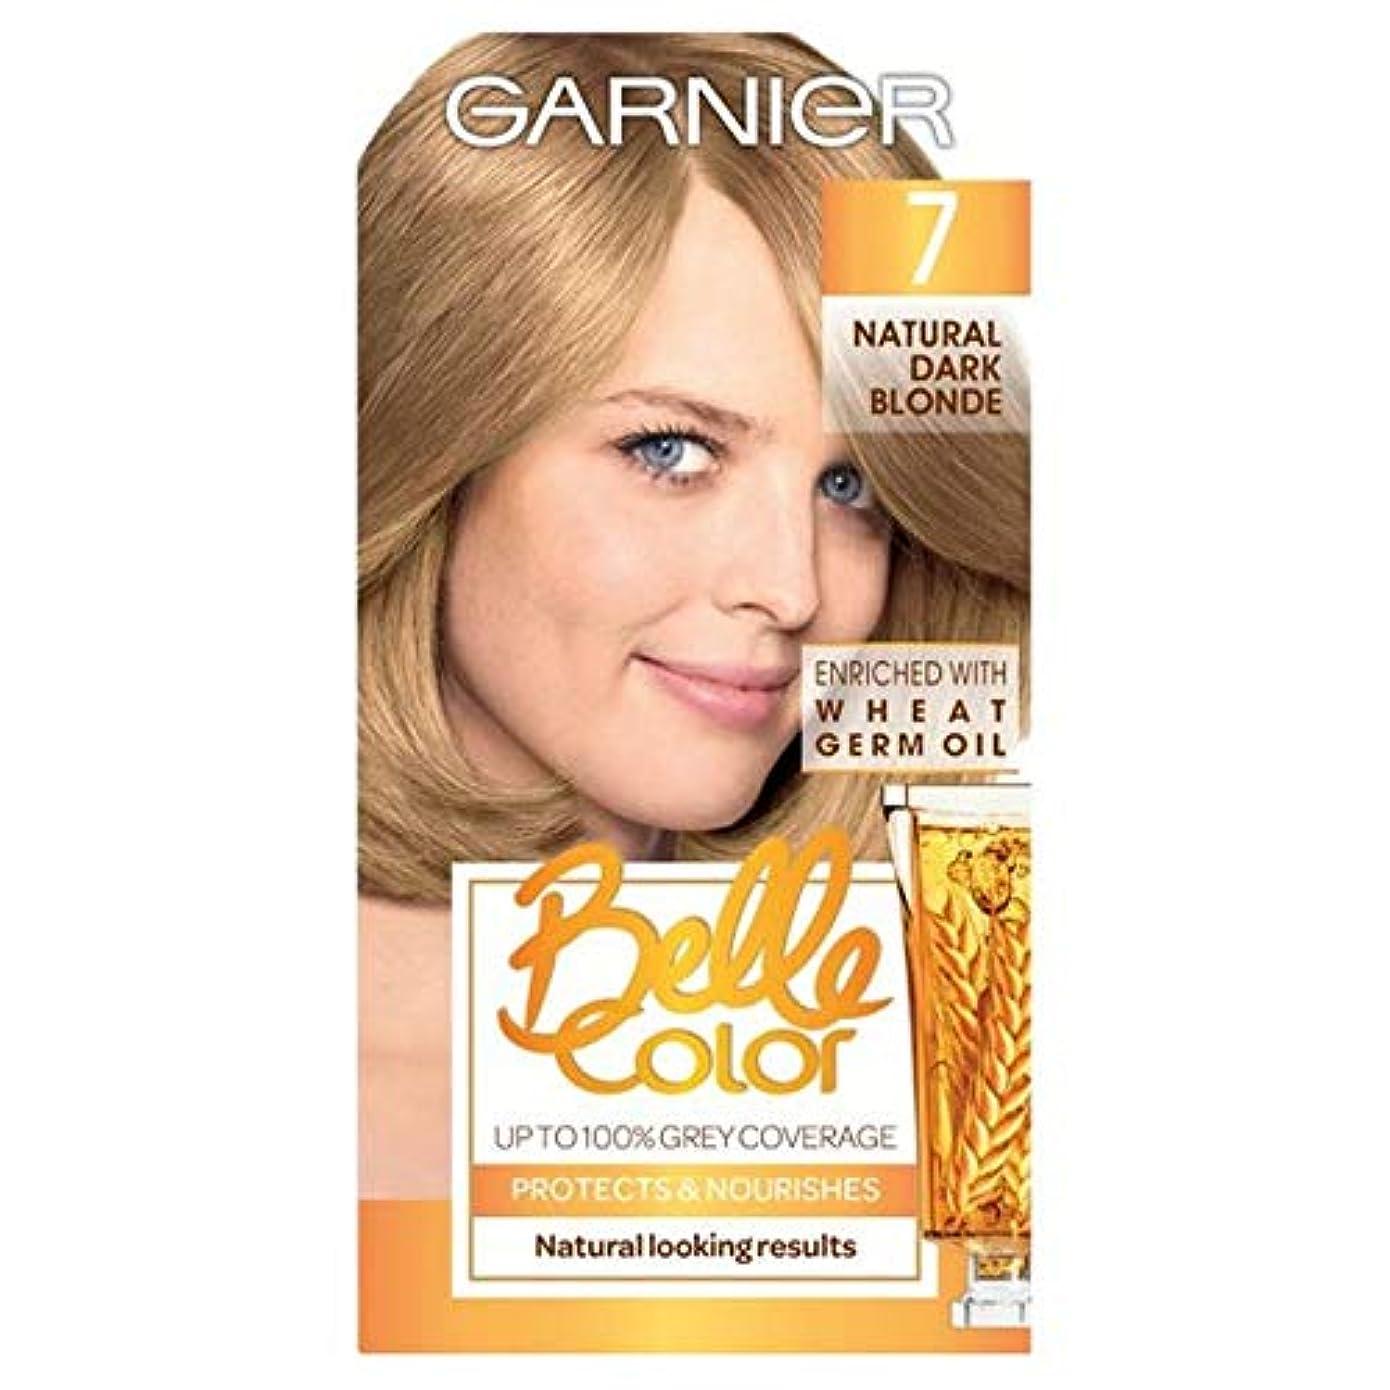 つづり回復迅速[Belle Color ] ガーン/ベル/Clr 7ナチュラルダークブロンドパーマネントヘアダイ - Garn/Bel/Clr 7 Natural Dark Blonde Permanent Hair Dye [並行輸入品]